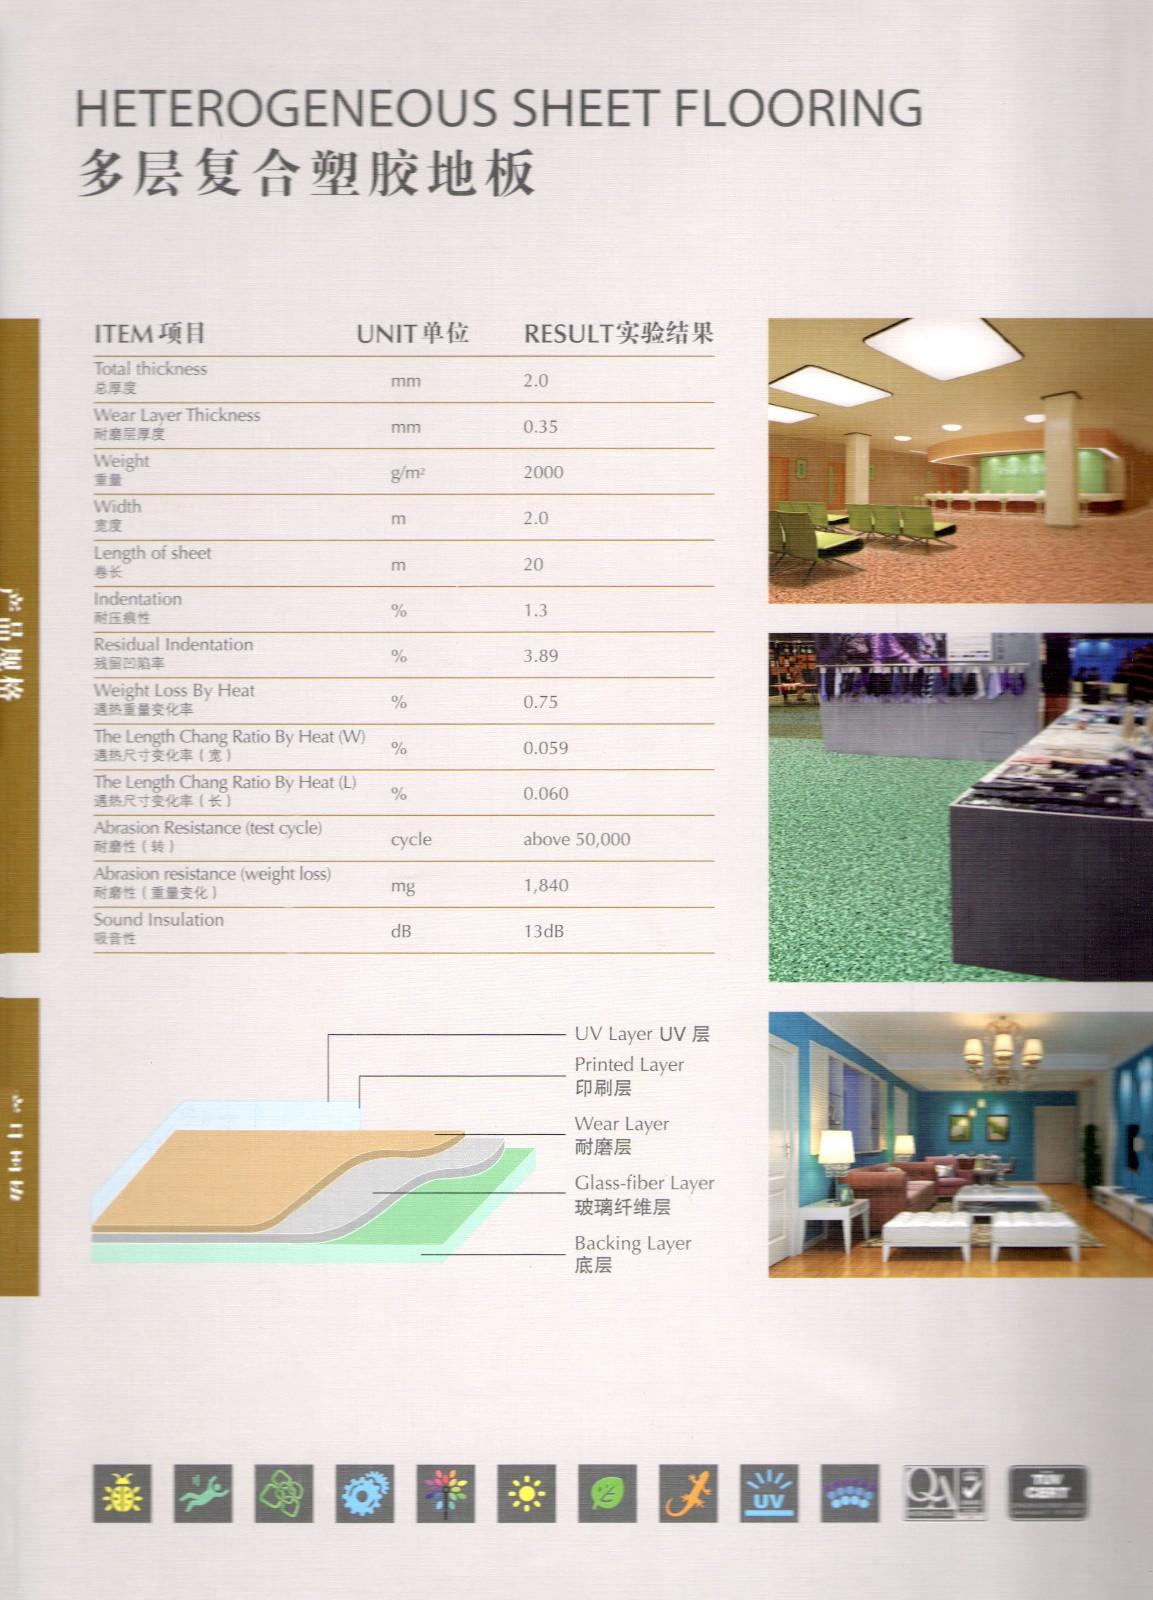 大巨龙韩丽龙PVC地板|大巨龙系列-陕西棋牌挣钱建材有限责任公司